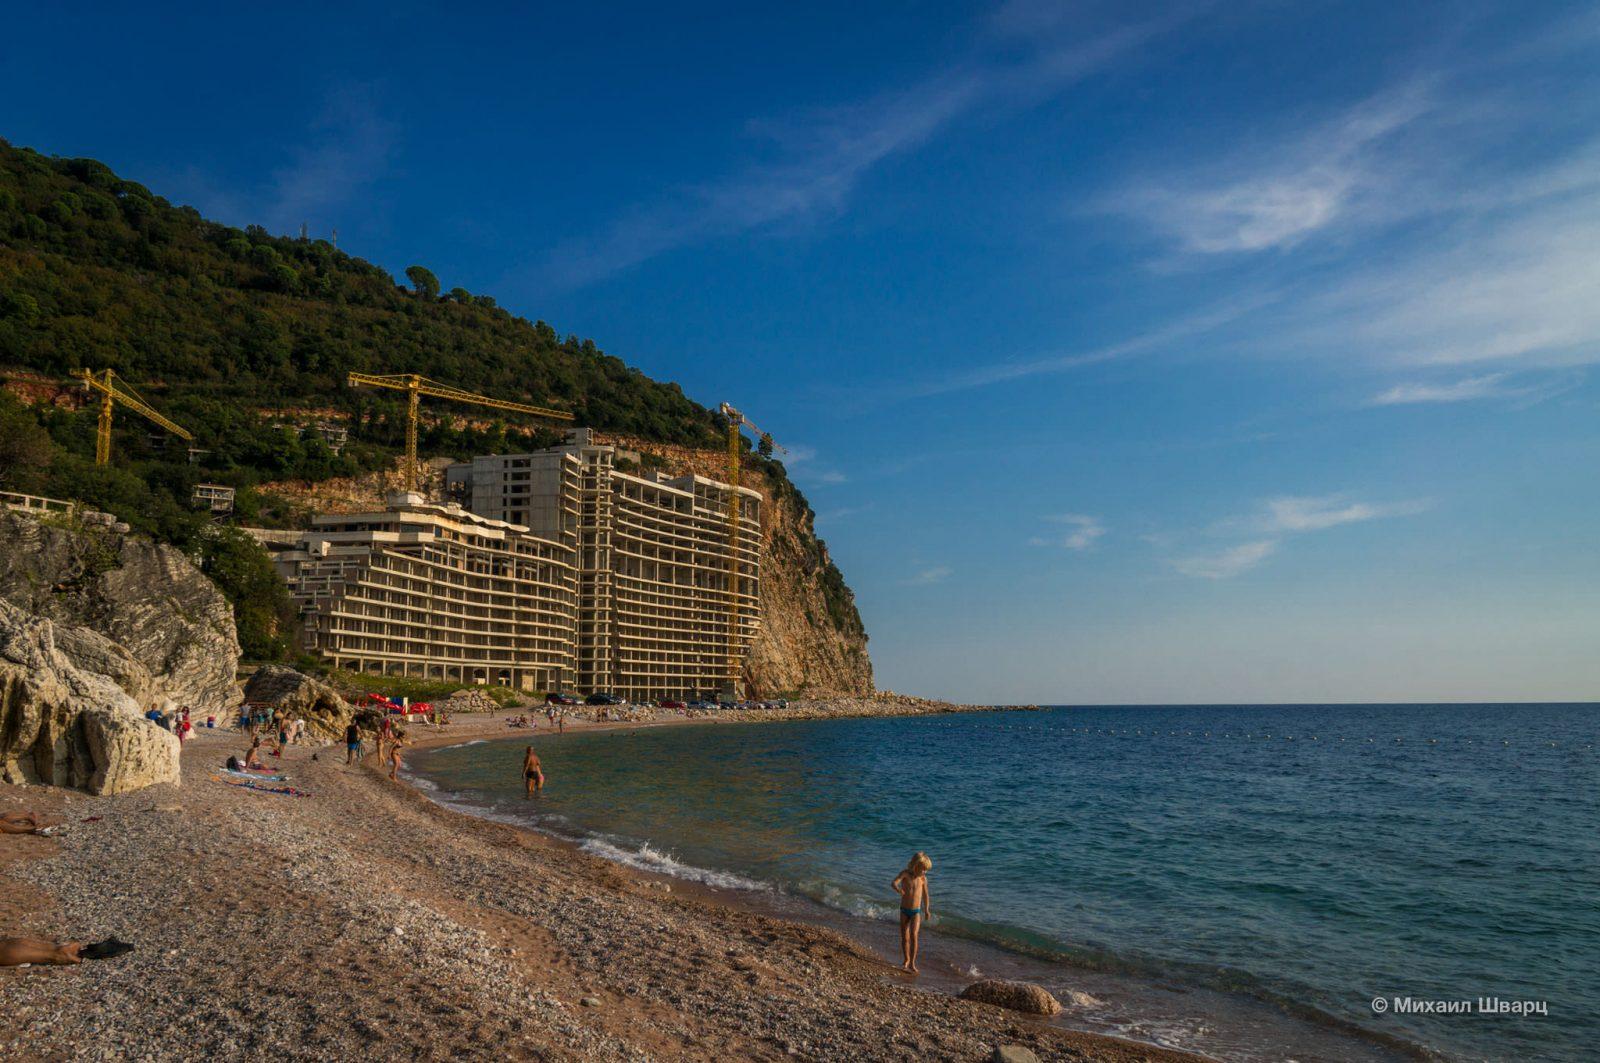 Позорище пляжа – недостроенные отель